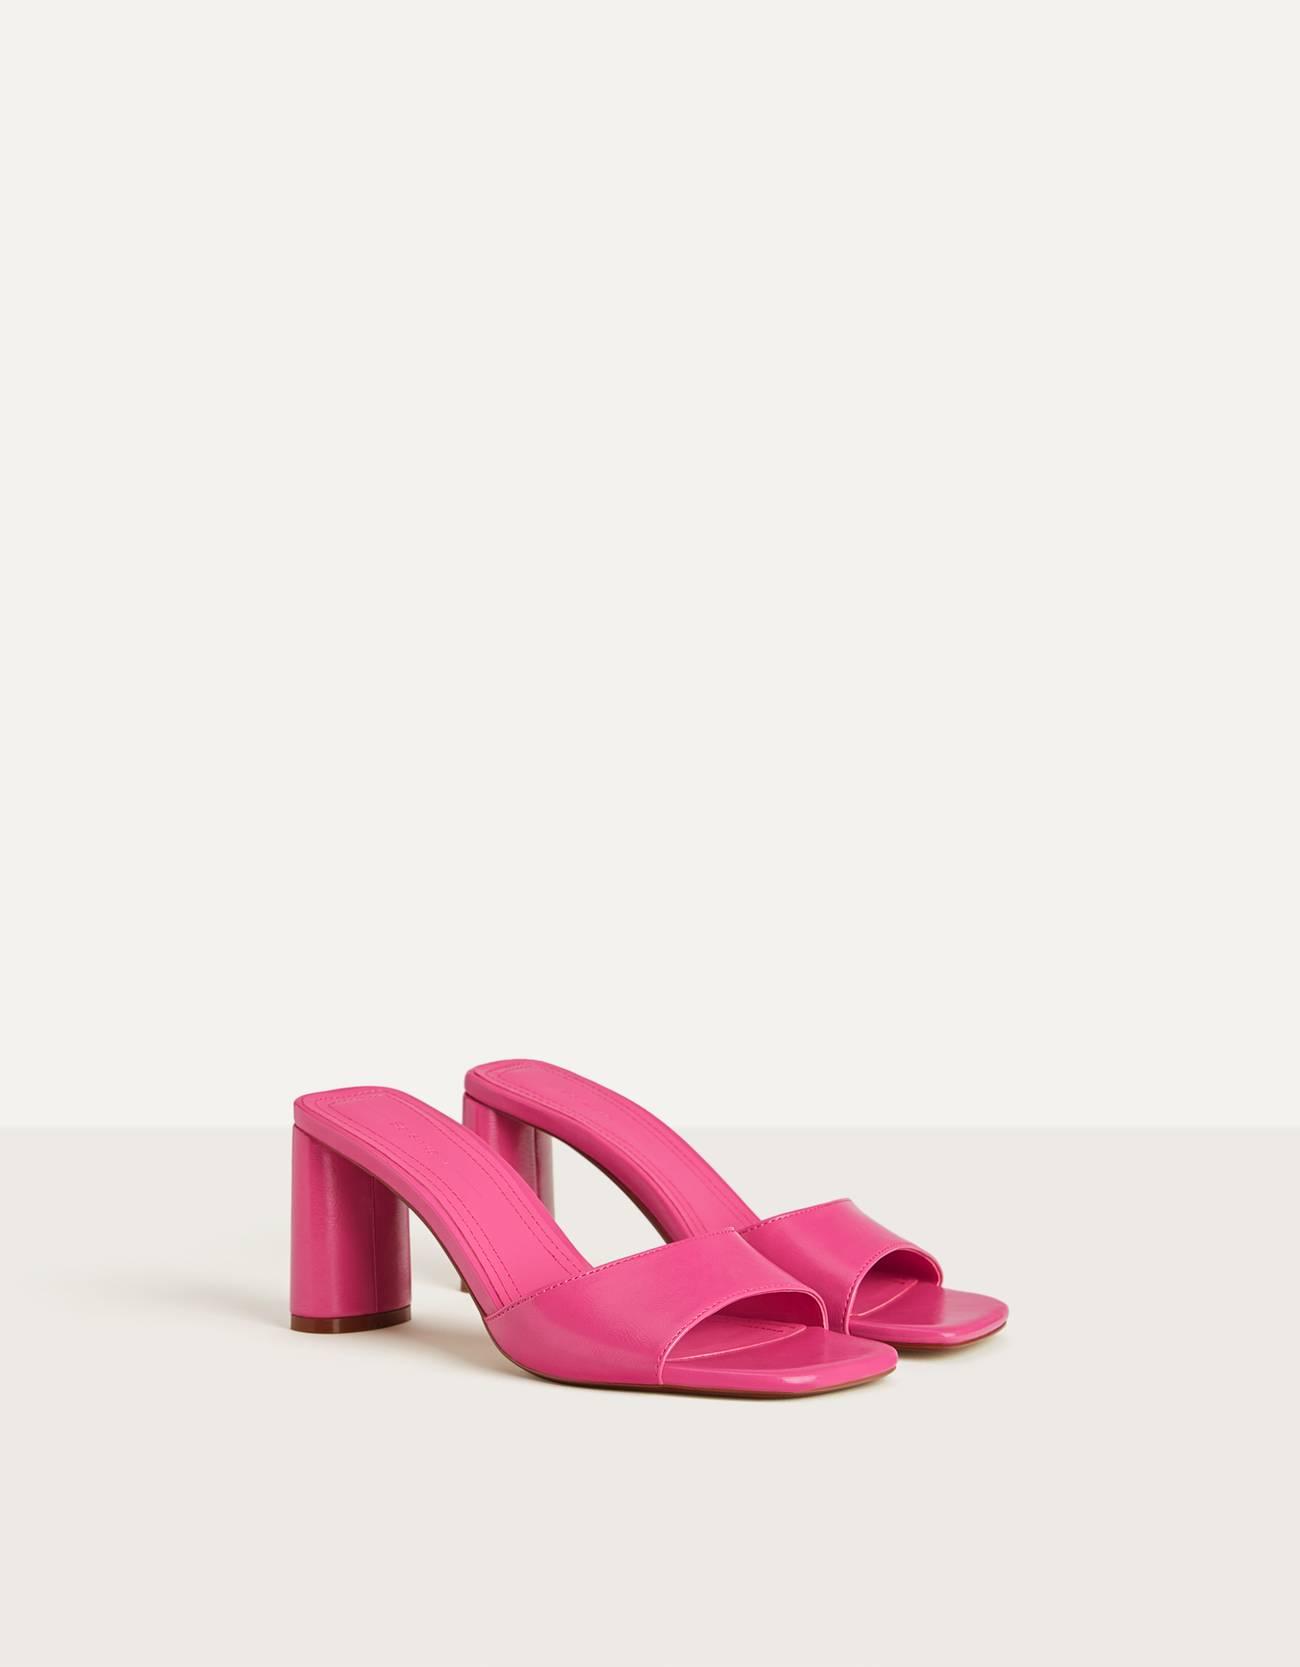 Sandalia tacón en color rosa fucsia. Tipo mule. Punta cuadrada.